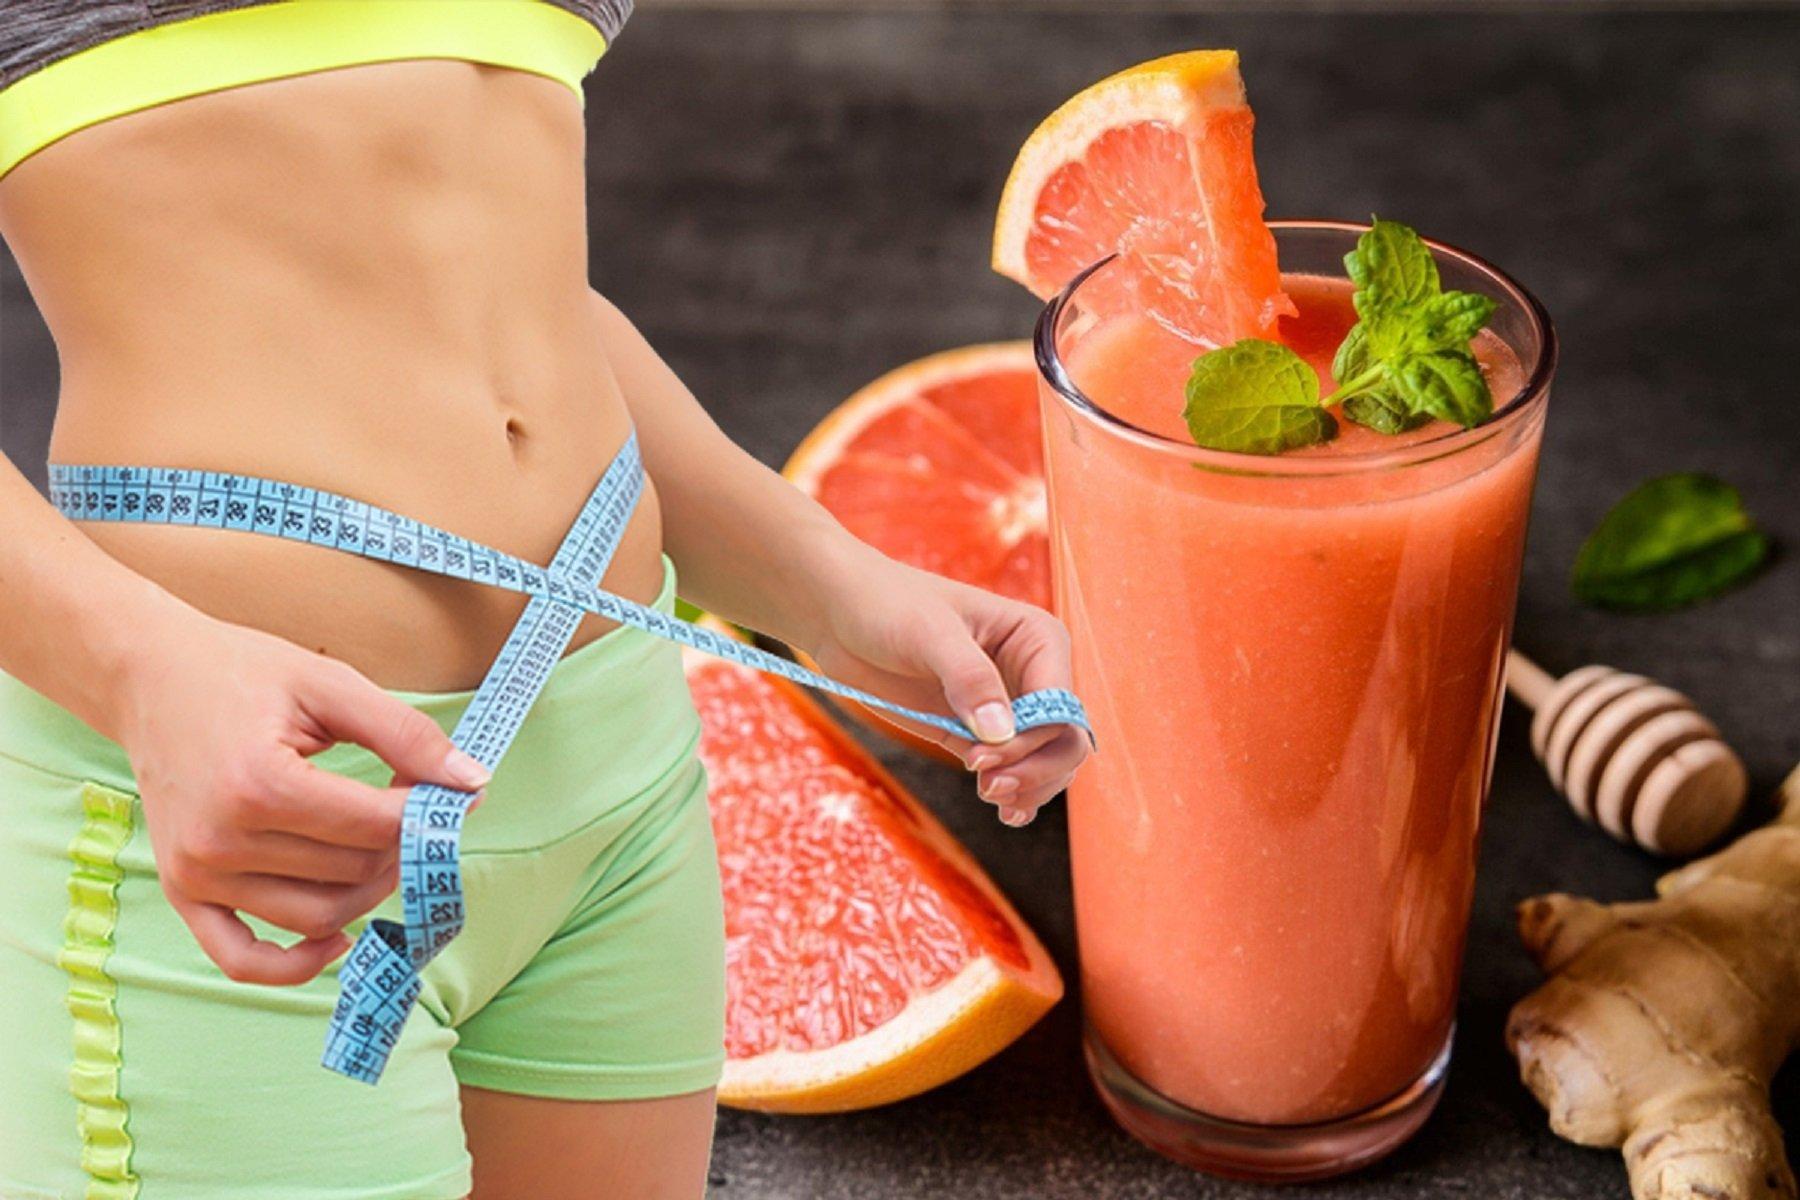 Грейпфрут Похудения Рецепты. Смузи из грейпфрута для похудения: рецепты